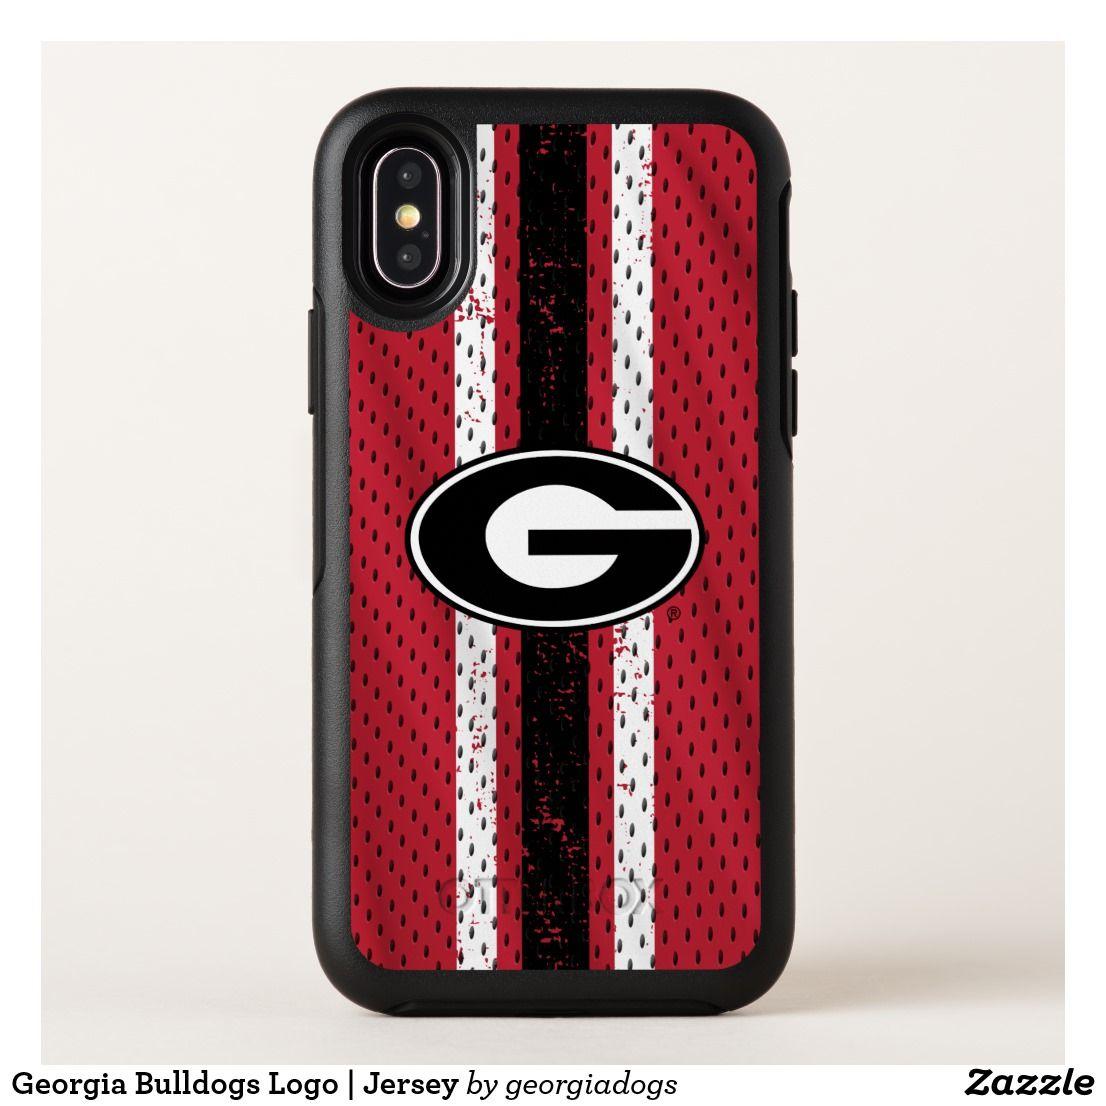 Georgia Tech Alumni Merchandise